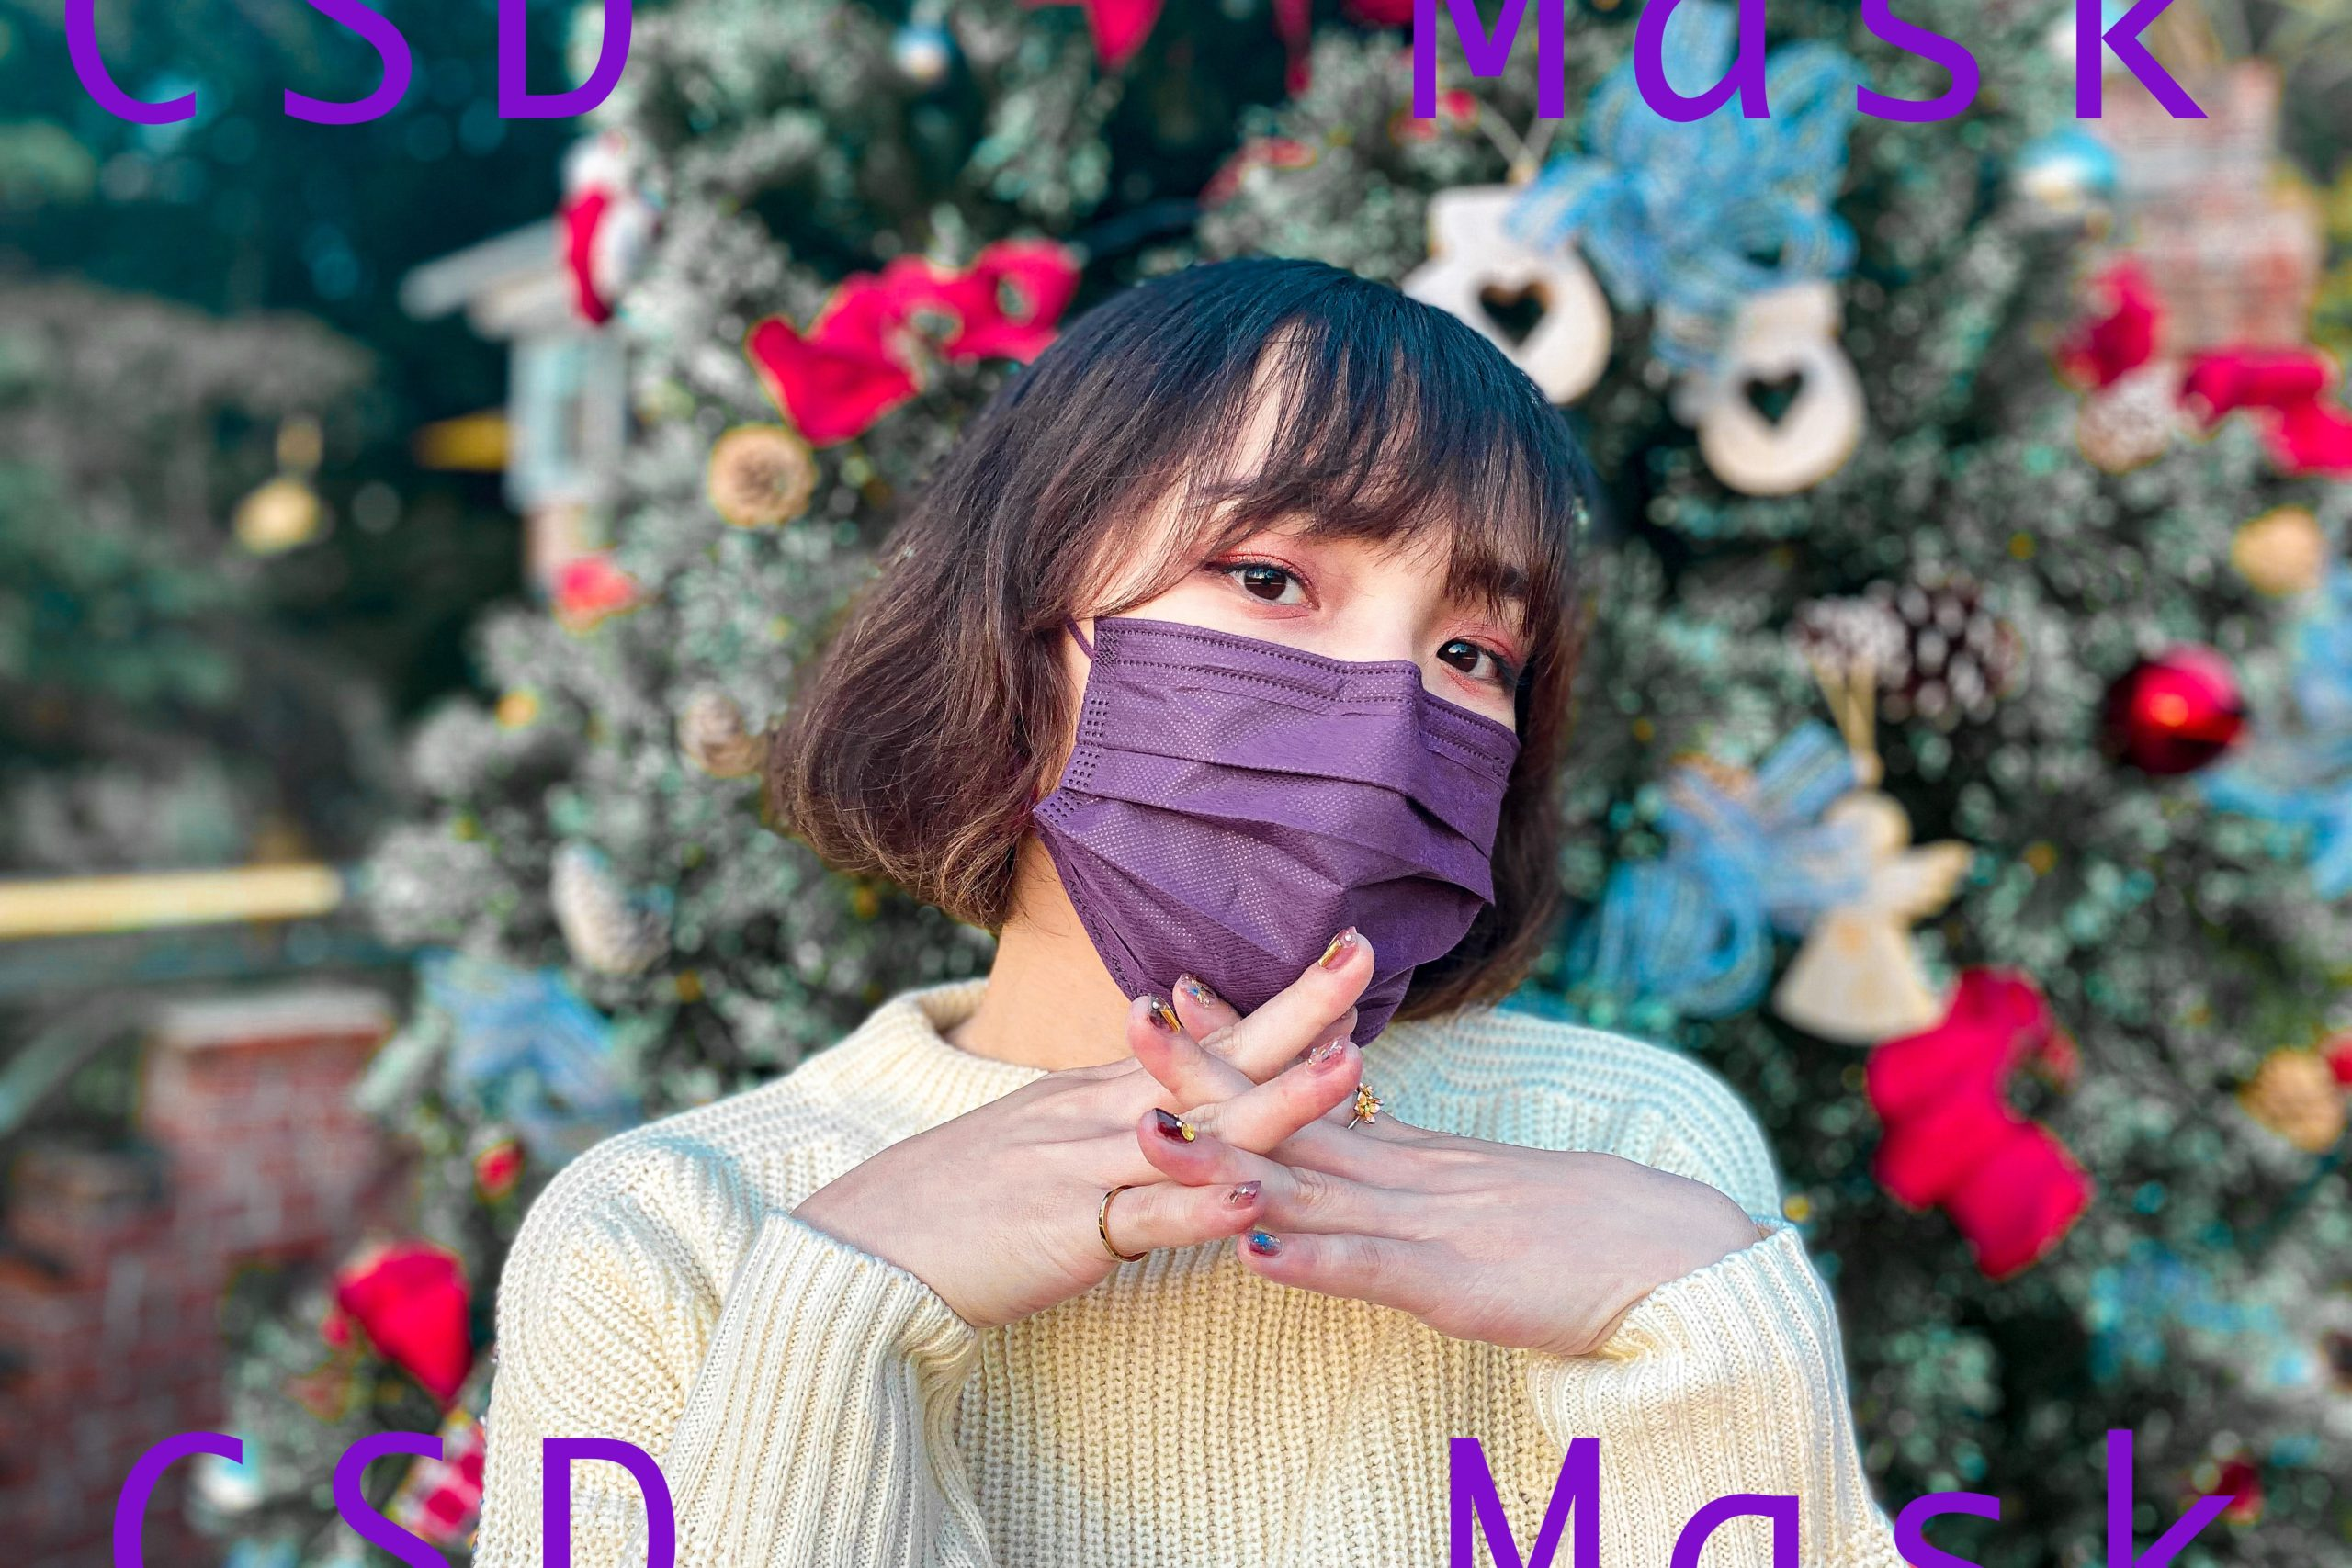 CSD中衛時尚口罩新色 -炫霓紫 秋冬時髦小配件